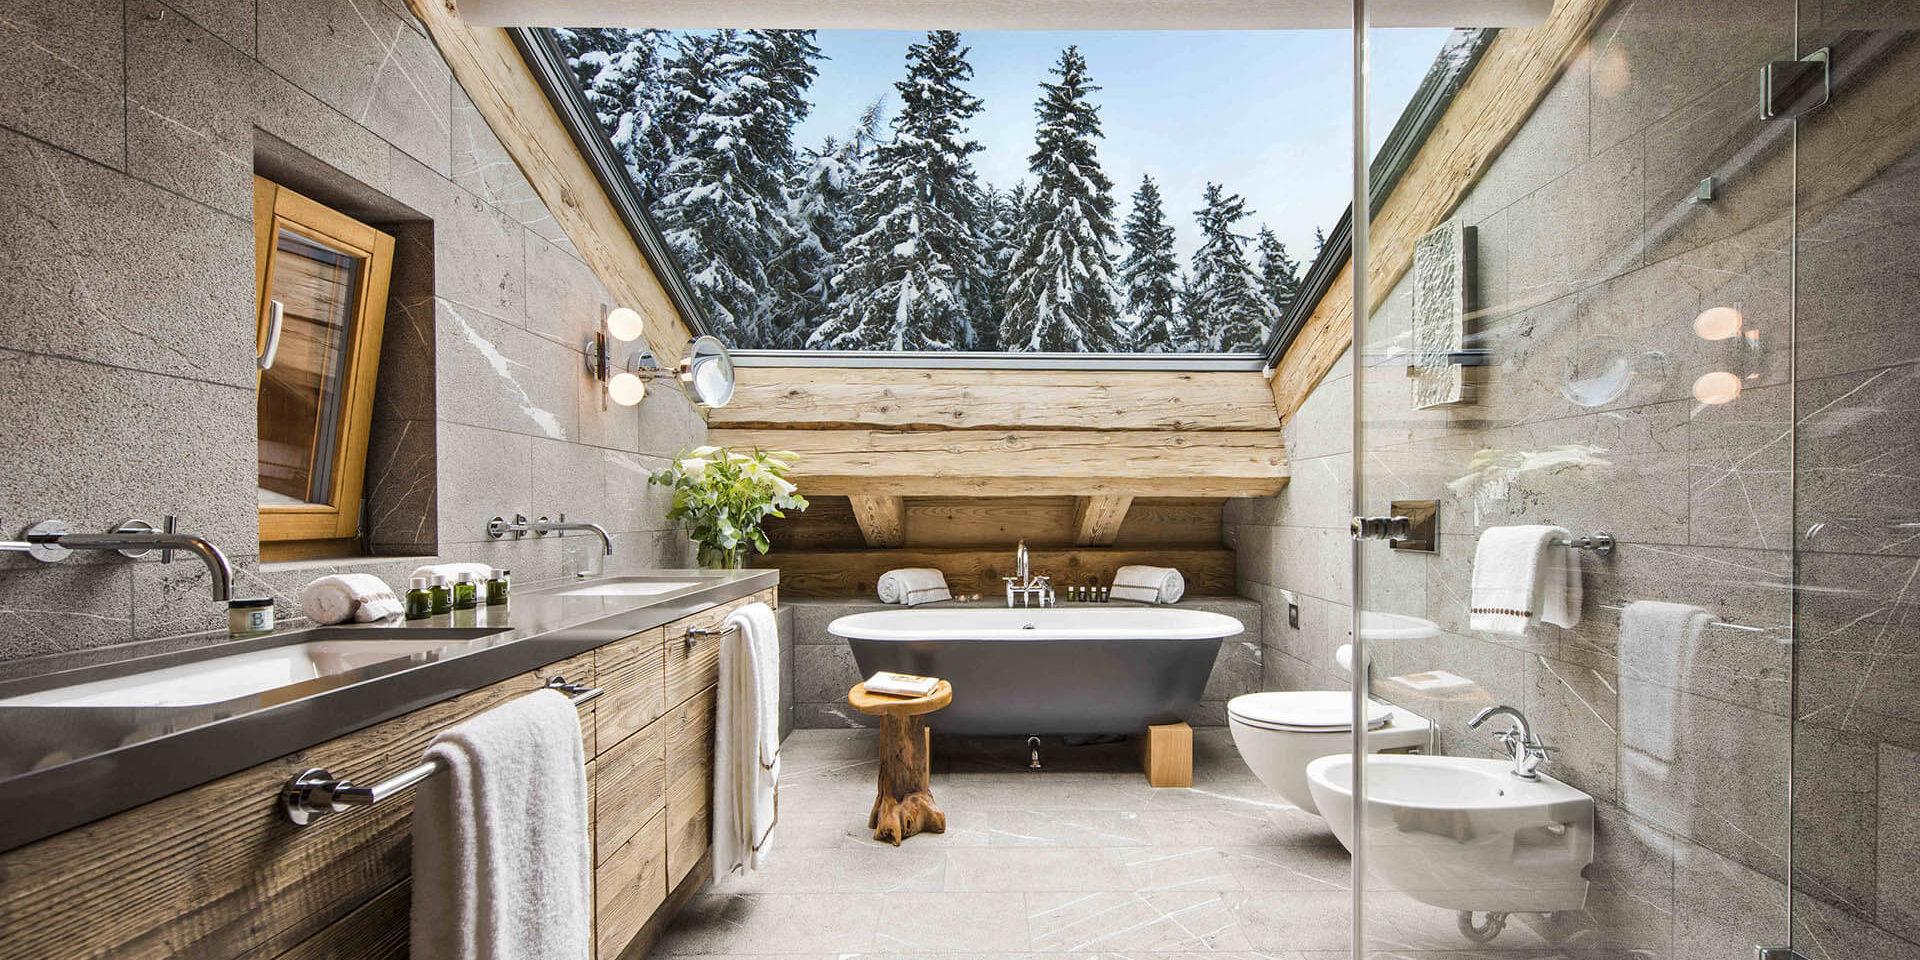 Appartement Place Blanche Verbier Les 4 Vallees Zwitserland wintersport skivakantie luxe badkamer vrijstaand bad dubbele wasbak dakraam besneeuwde bomen